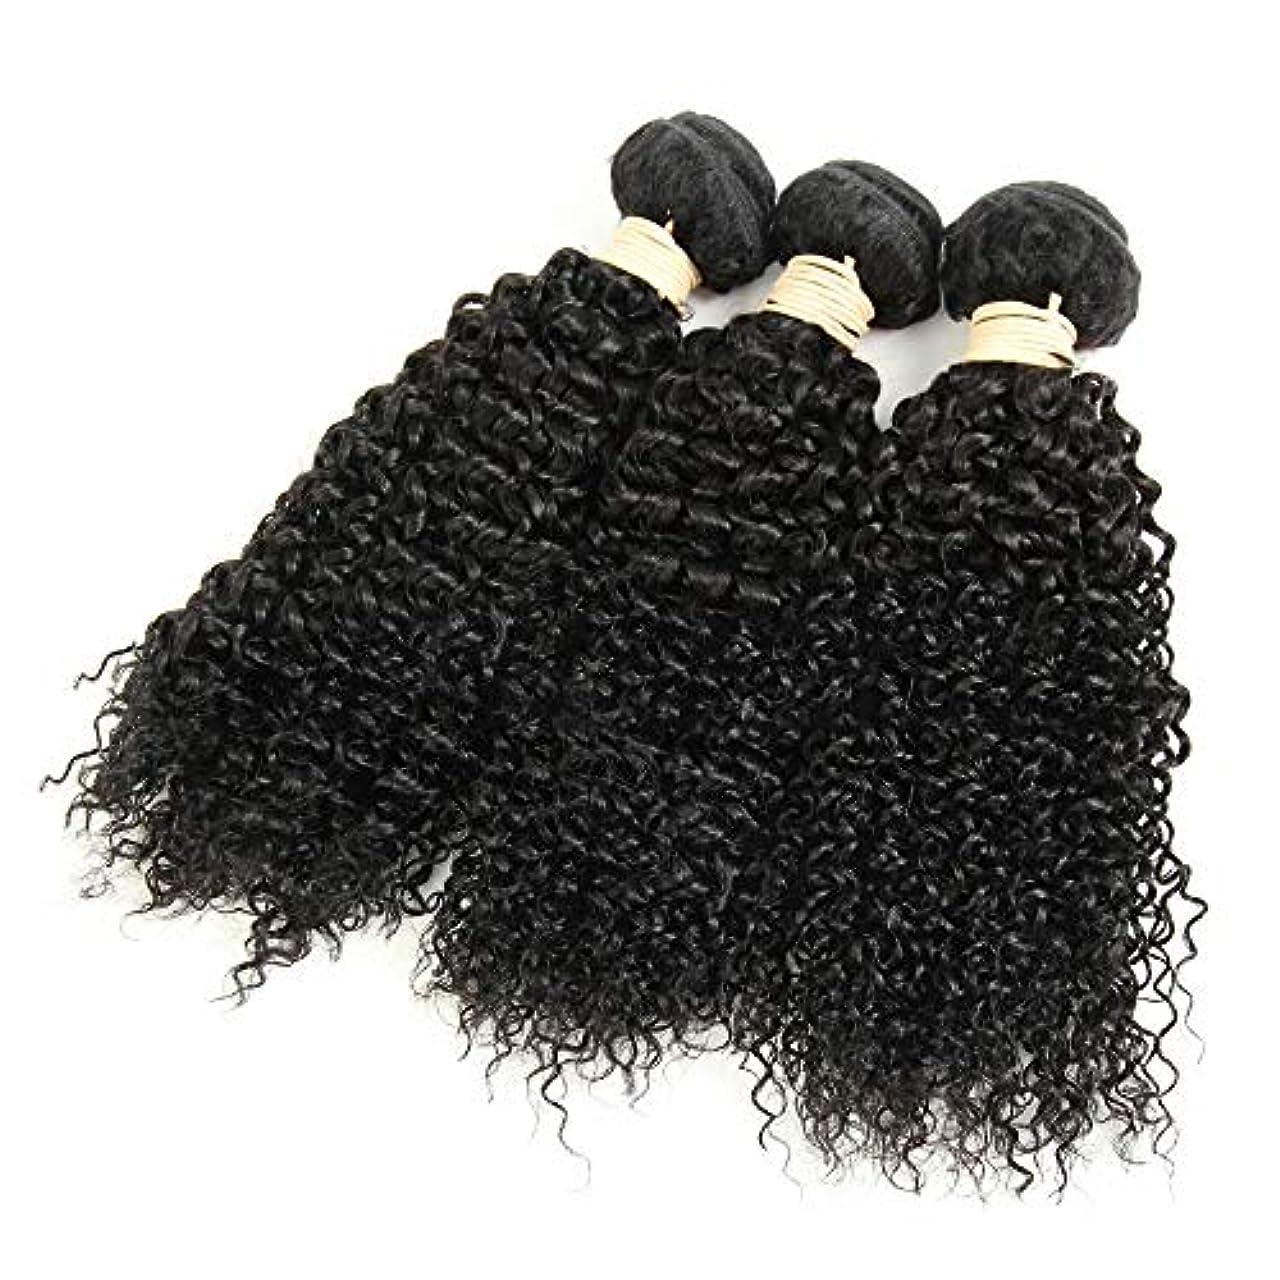 偏見算術スマッシュWASAIO 100グラム)1バンドル、1バンドル、変なカーリーヘア本物の人間の拡張クリップのシームレスなバンドルブラジルCrypticalウェーブ未精製の織り方(8「-28」 (色 : 黒, サイズ : 10 inch)